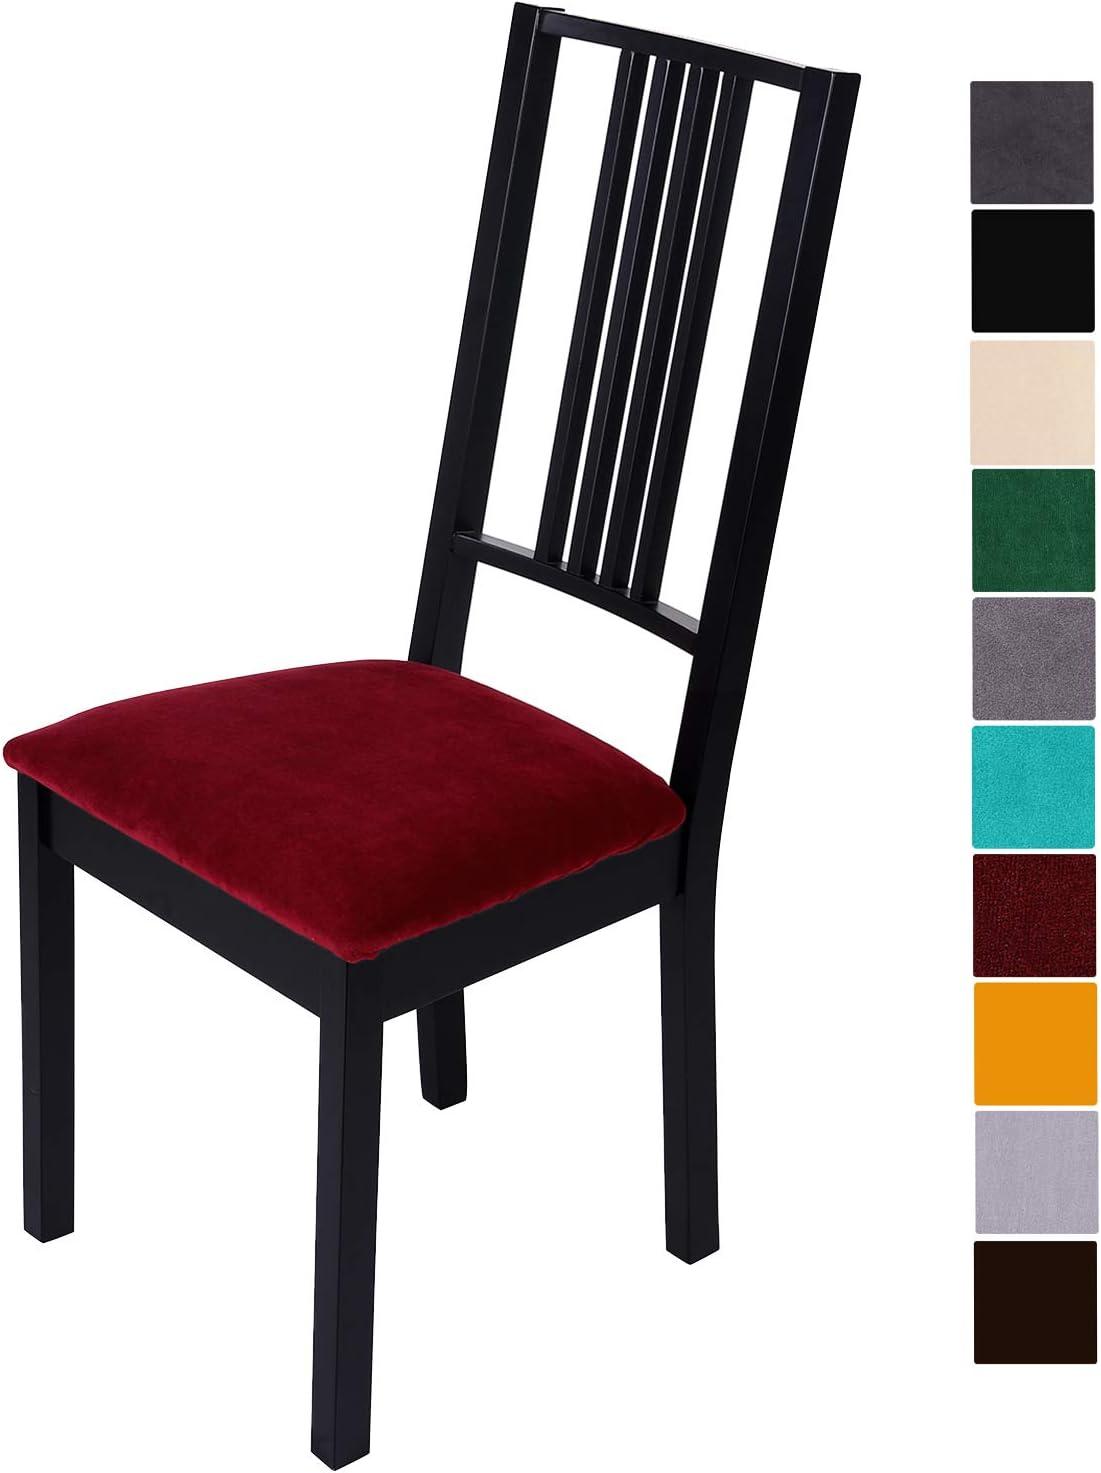 Homaxy Housses de chaise en velours doux Housse stretch pour chaise de salle /à manger Housse de protection pour chaise Dentelle 2 unit/és lavables beige